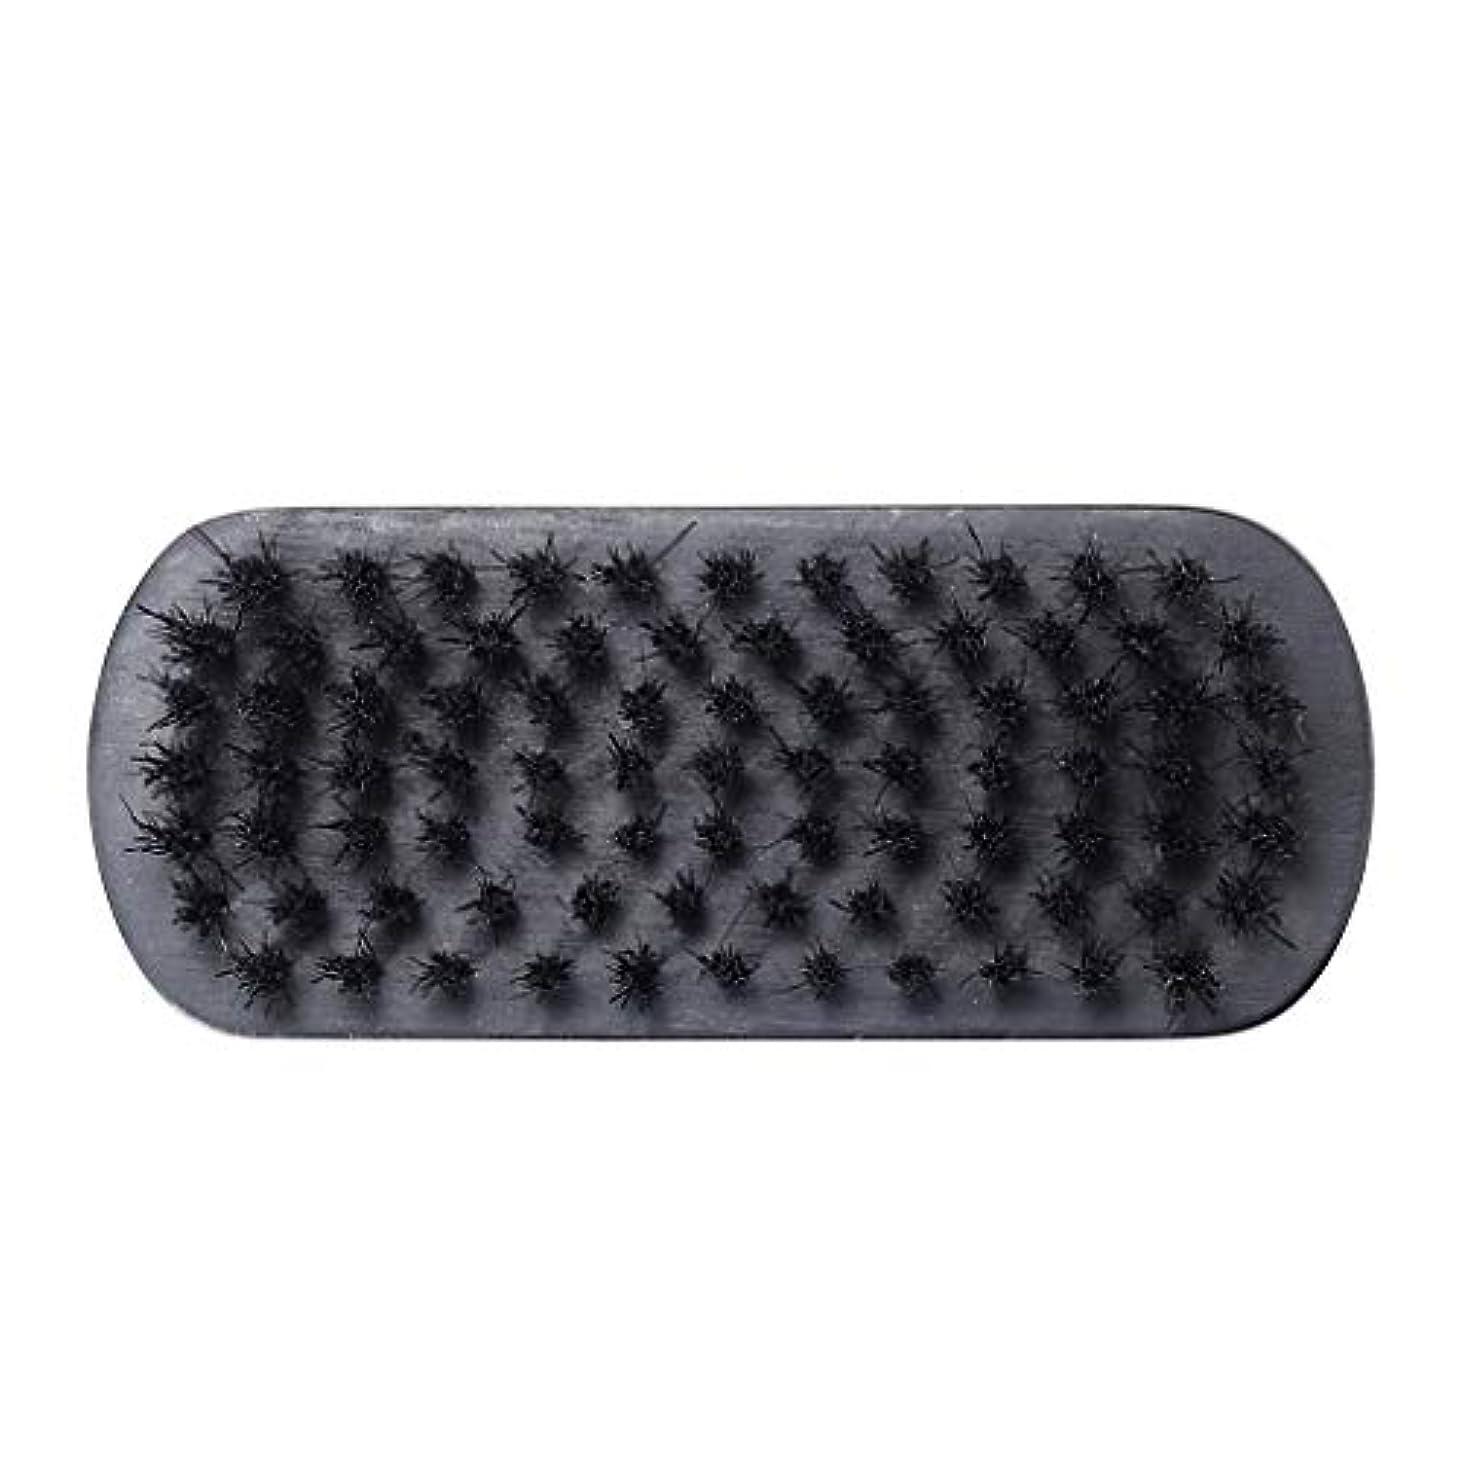 暴徒検索エンジンマーケティング作成者旅行の理髪師のためのクリーニングをきれいにする人の口ひげのあごひげのブラシの顔の毛